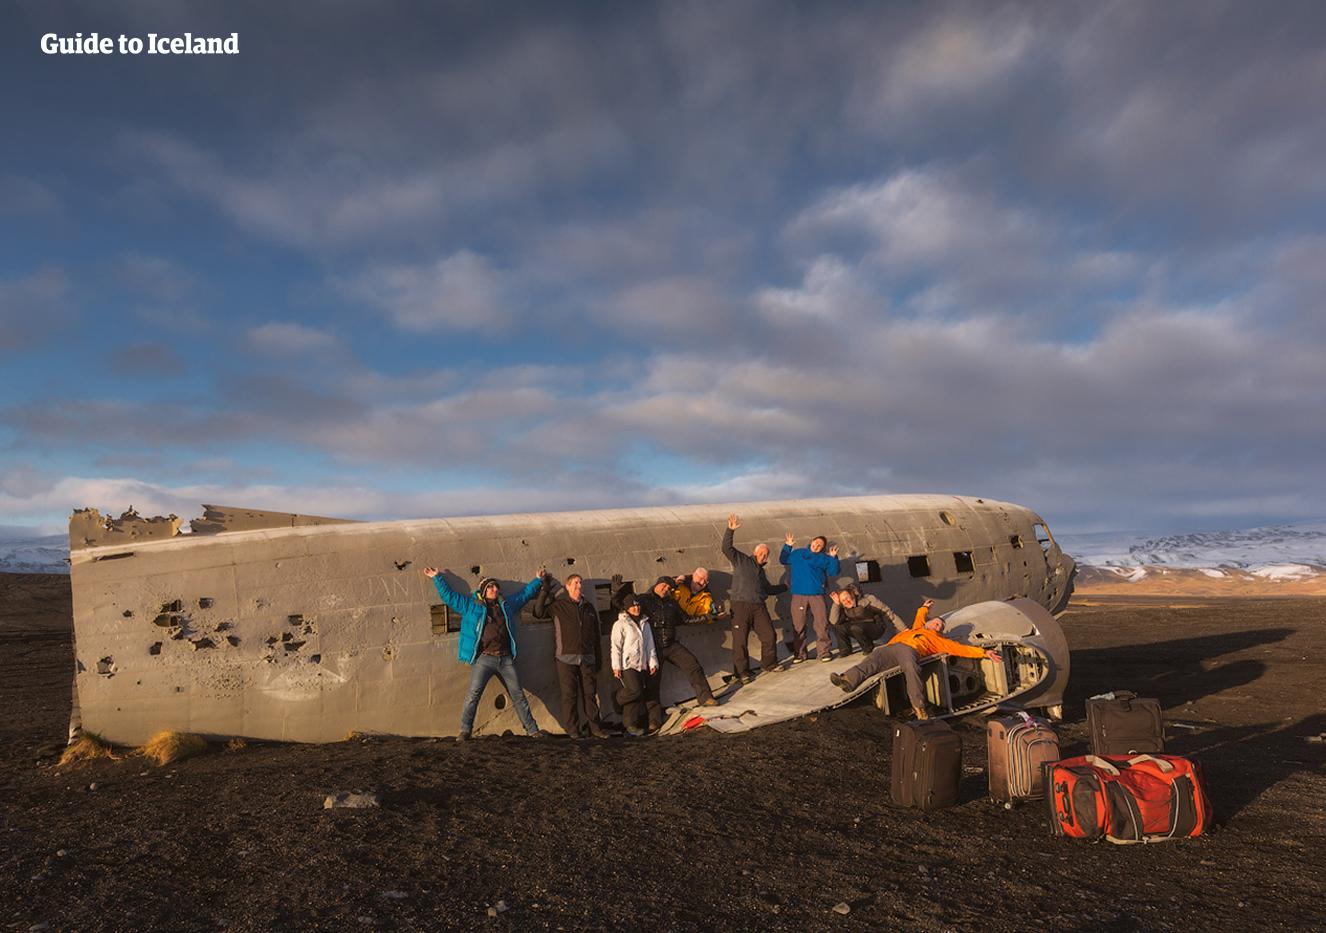 På södra Island finns det ett gammalt flygvrak som gästerna kan besöka.